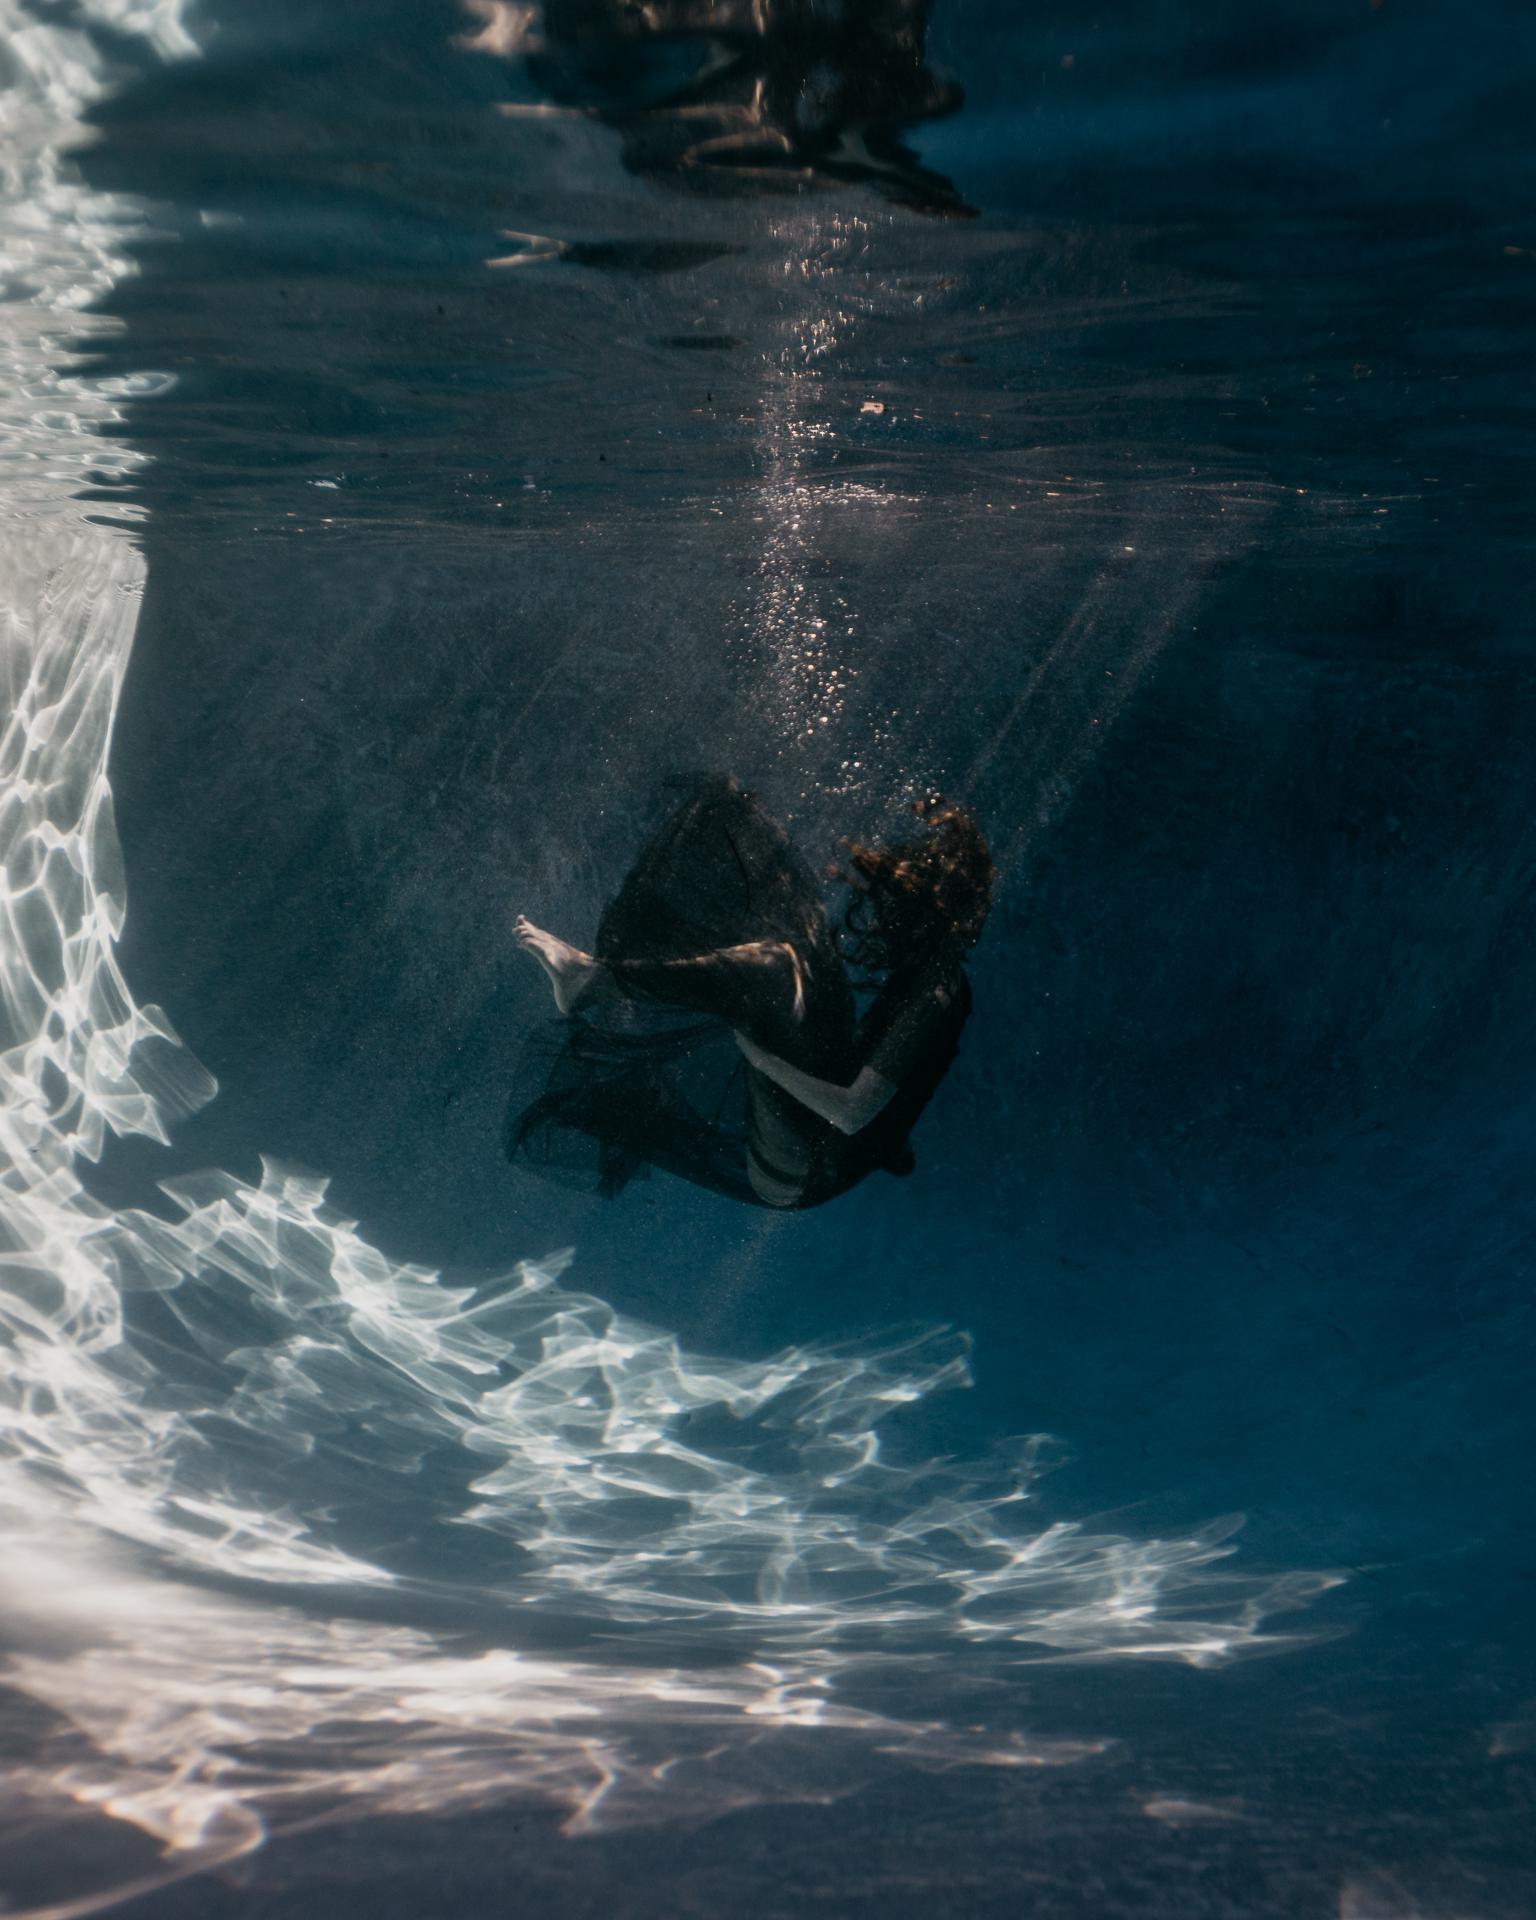 2nd_underwater-5.jpg